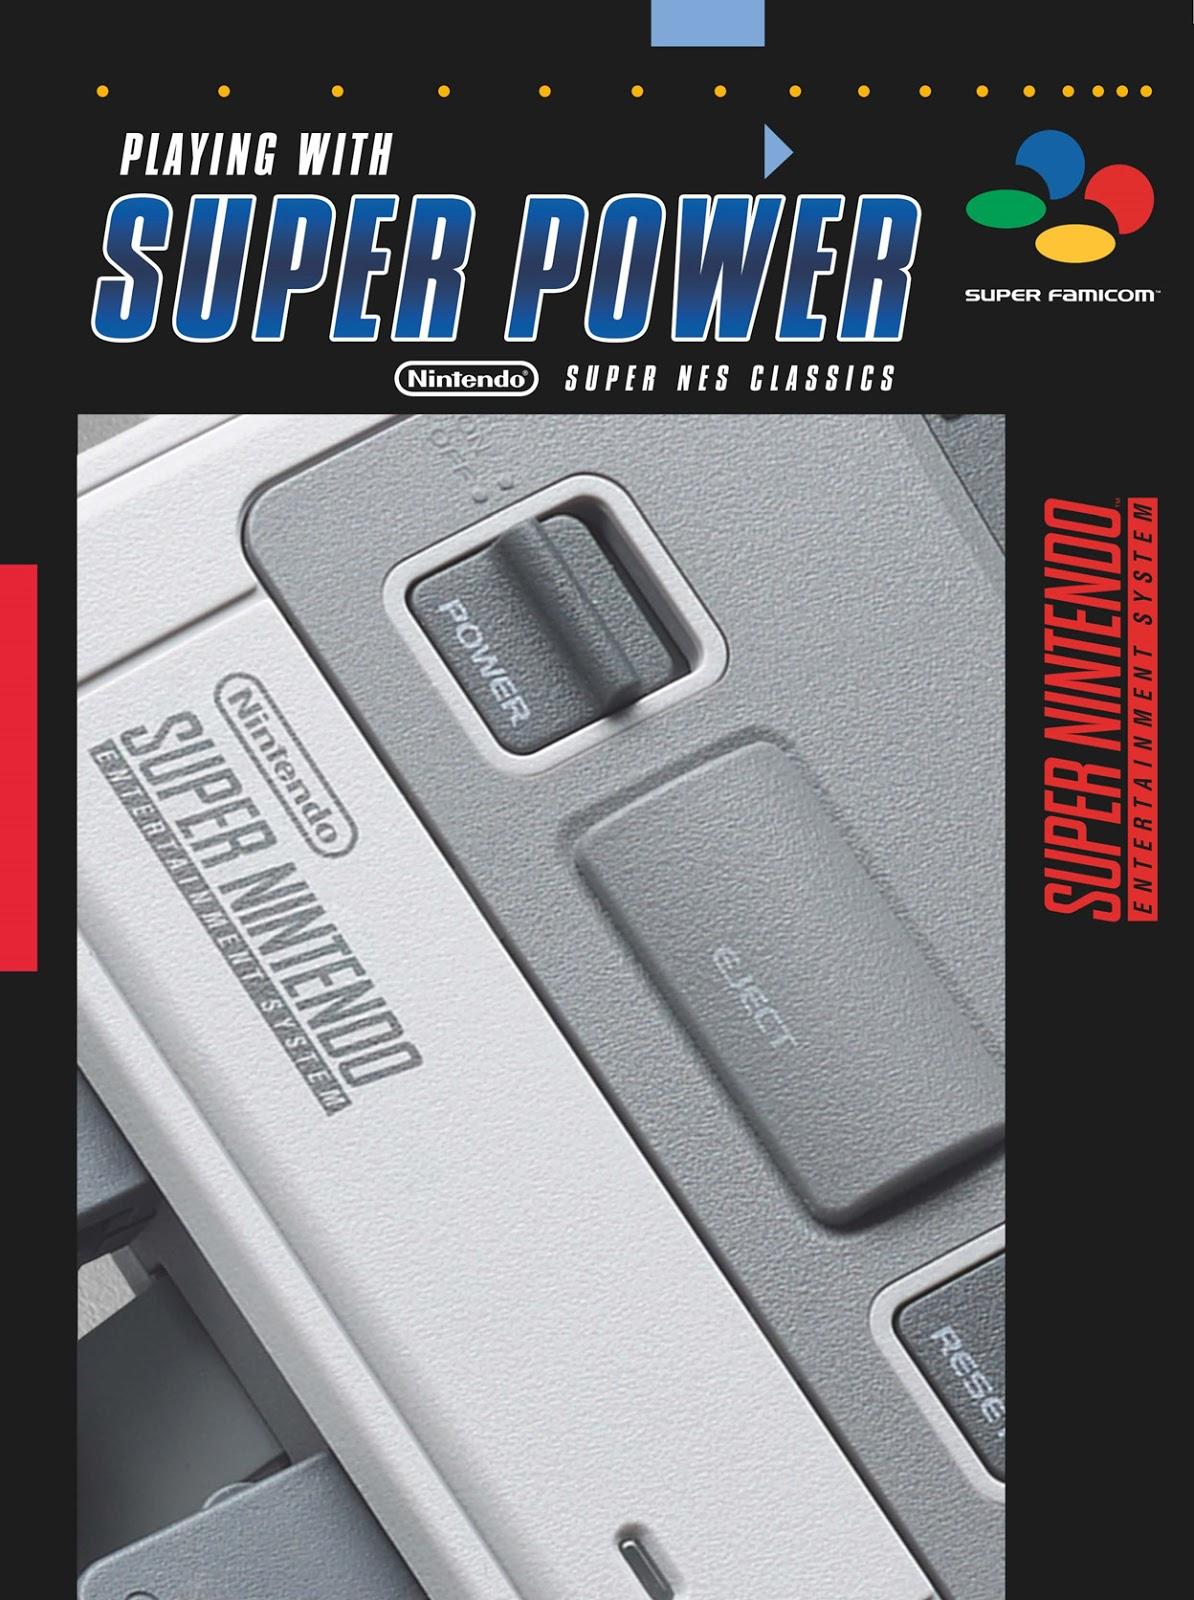 Se anuncia guía oficial de Super Nintendo Classic Mini con todo tipo de contenido